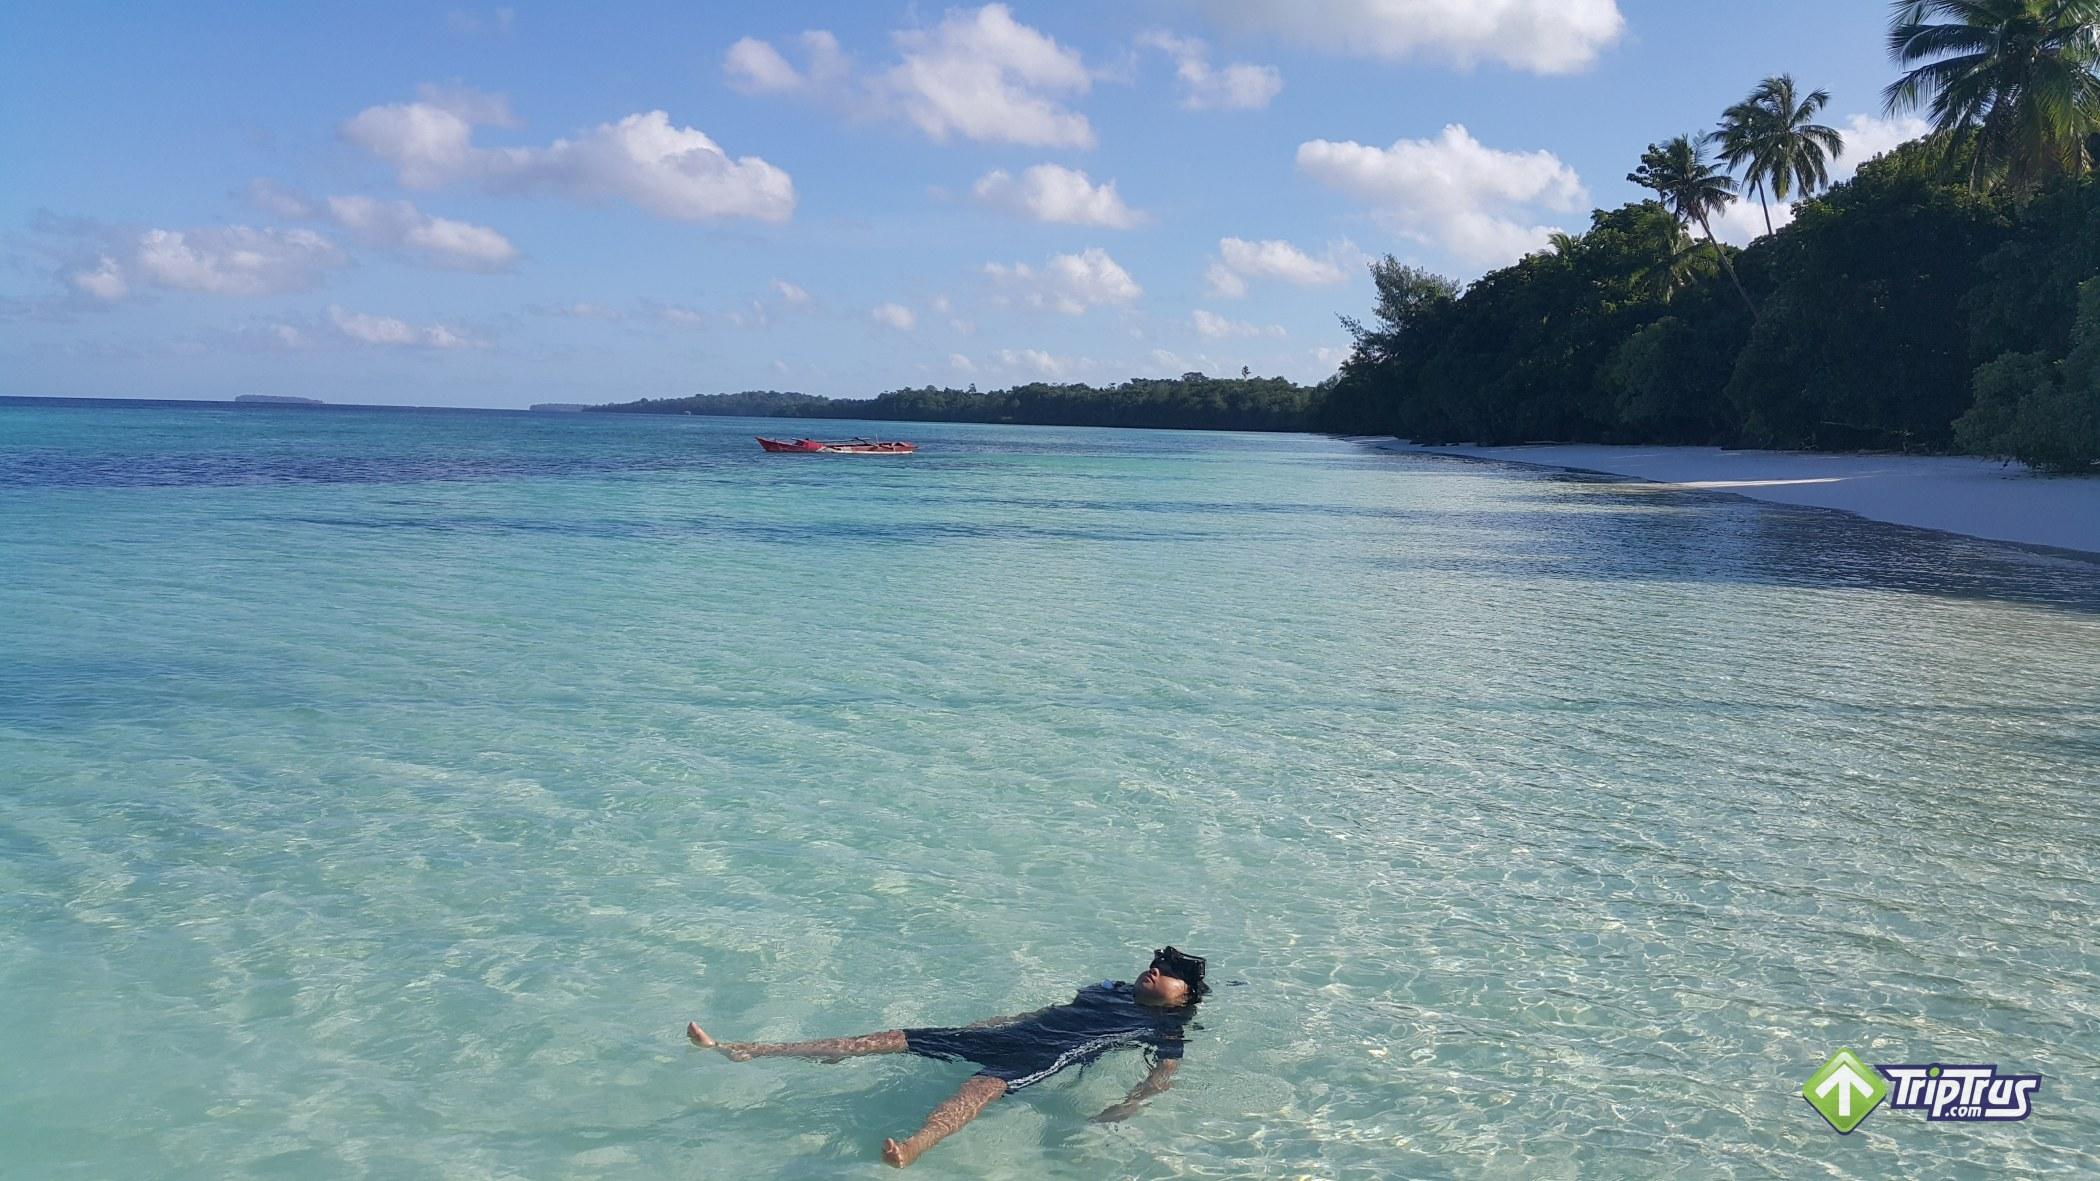 Pantai Ngurbloat, Kei, Maluku